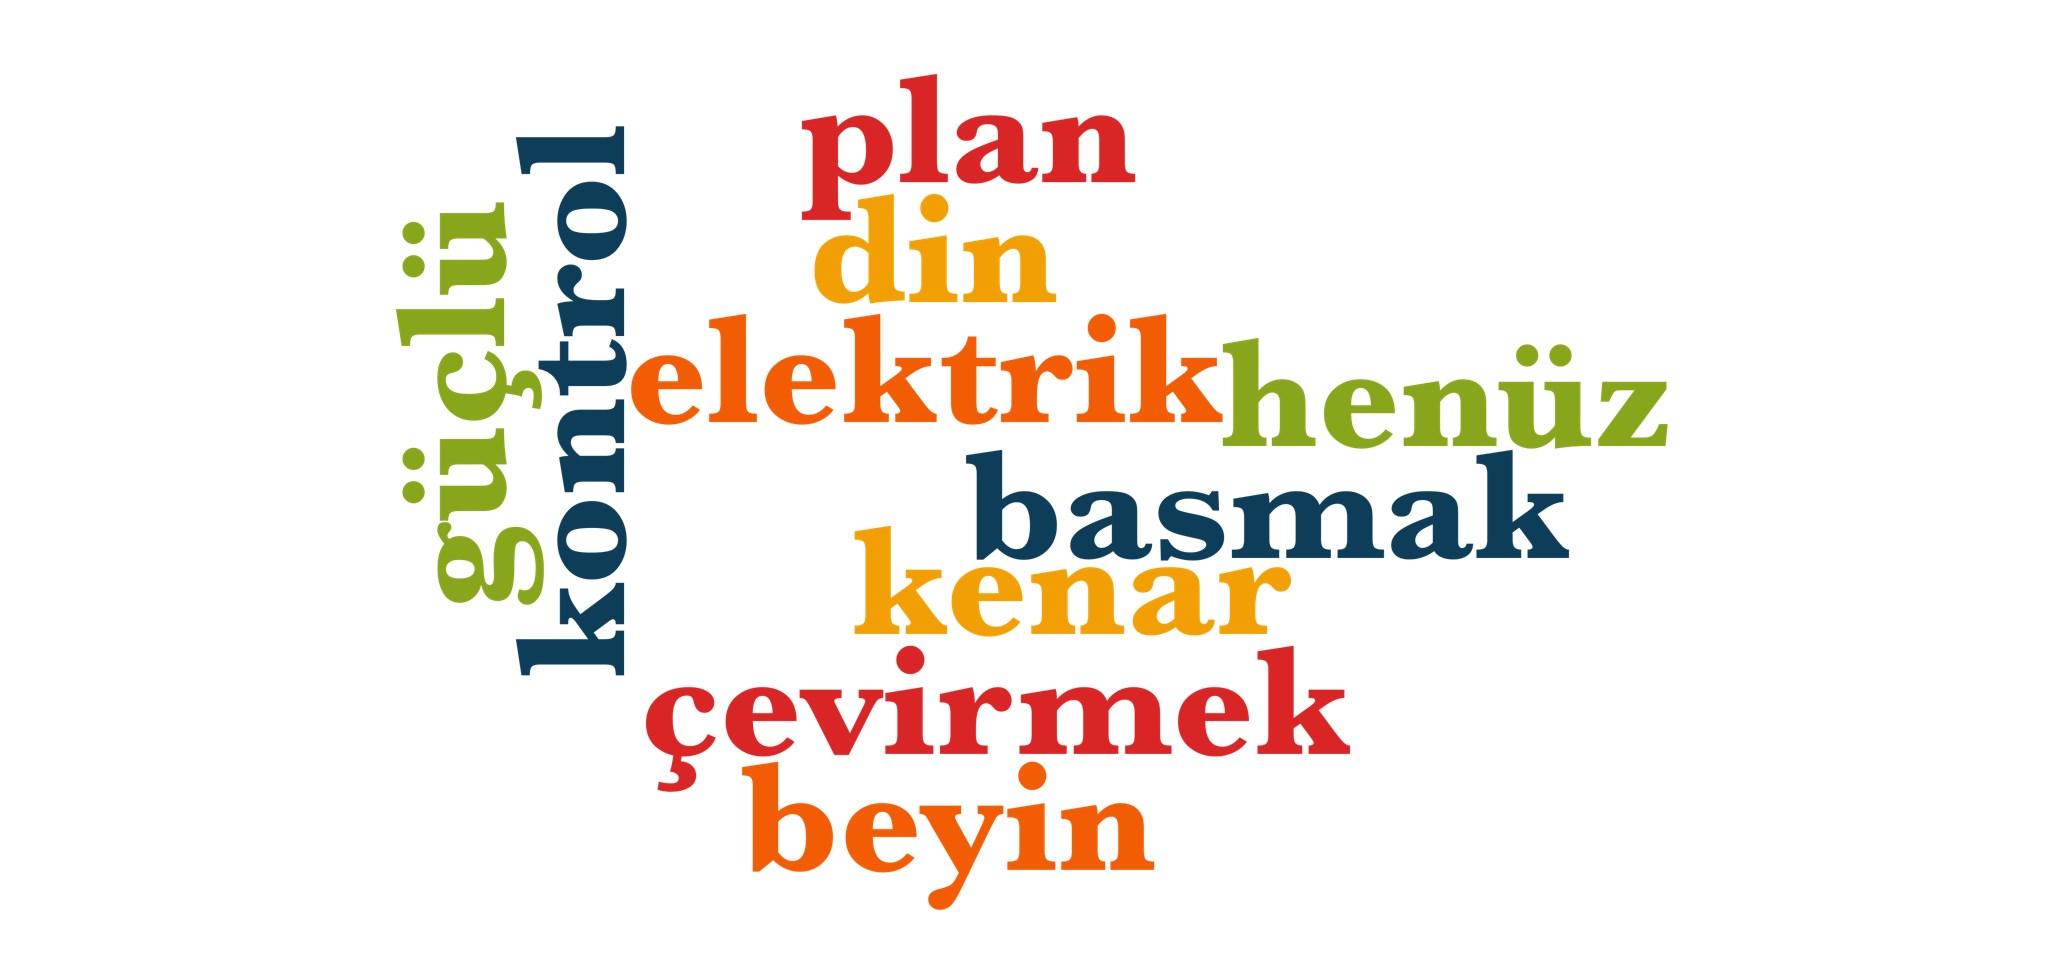 Wörter 611 bis 620 der 1000 häufigsten Wörter der türkischen Sprache